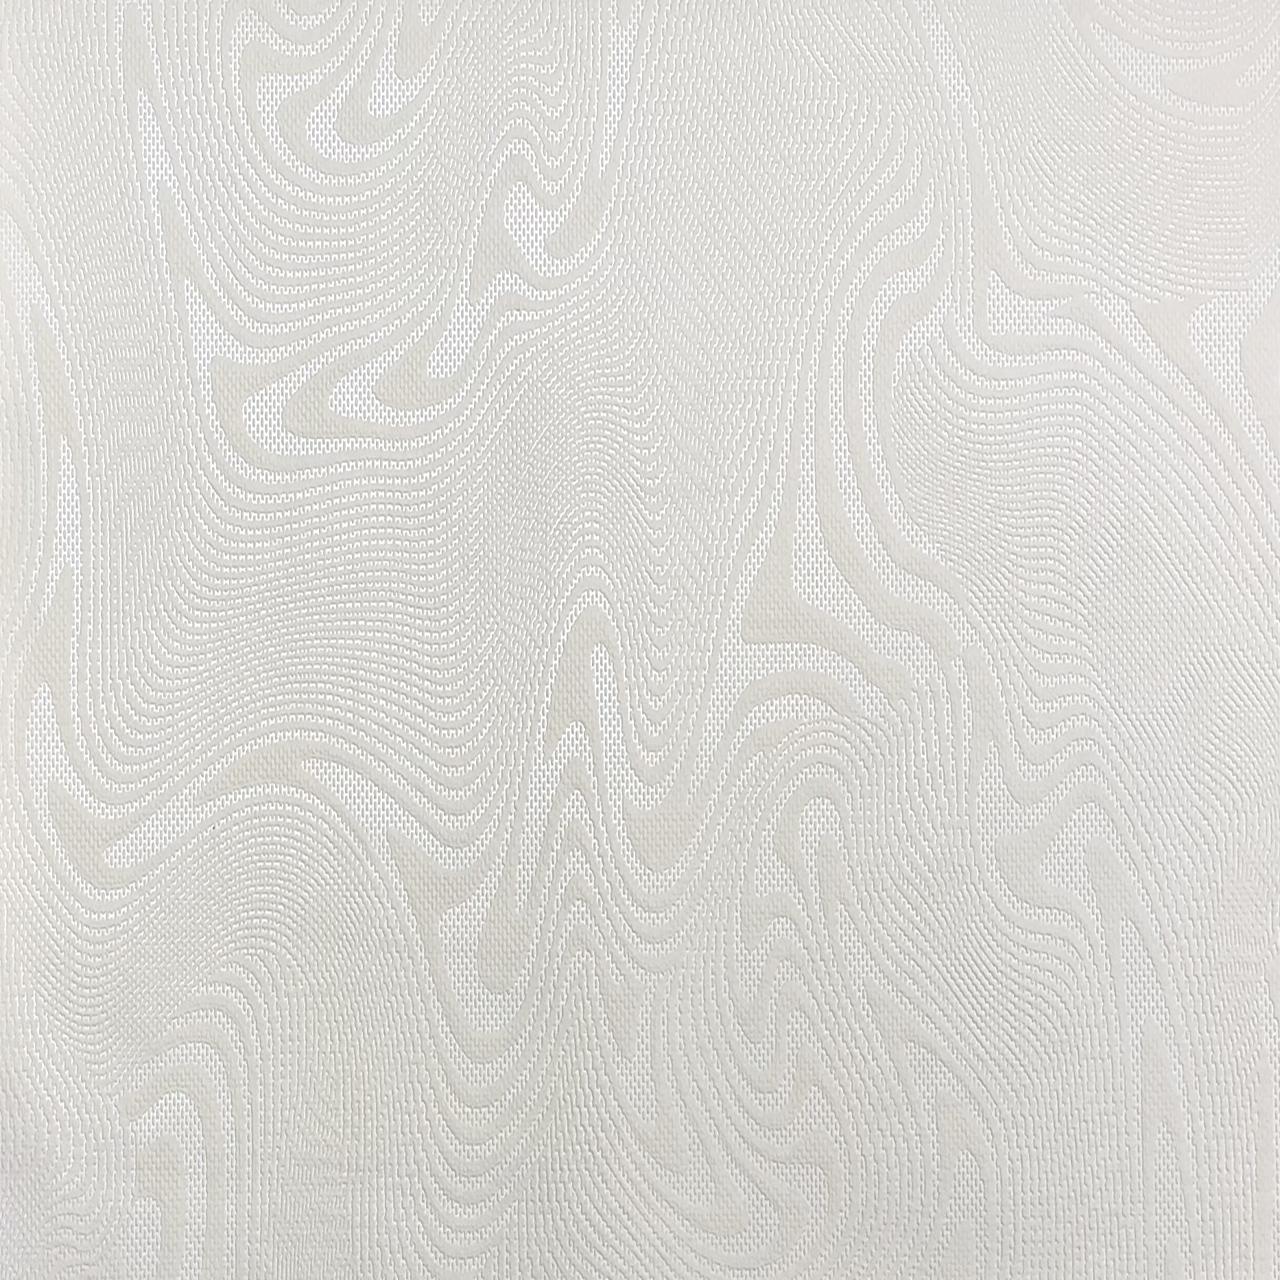 کاغذ دیواری ماربورگ کد 78024